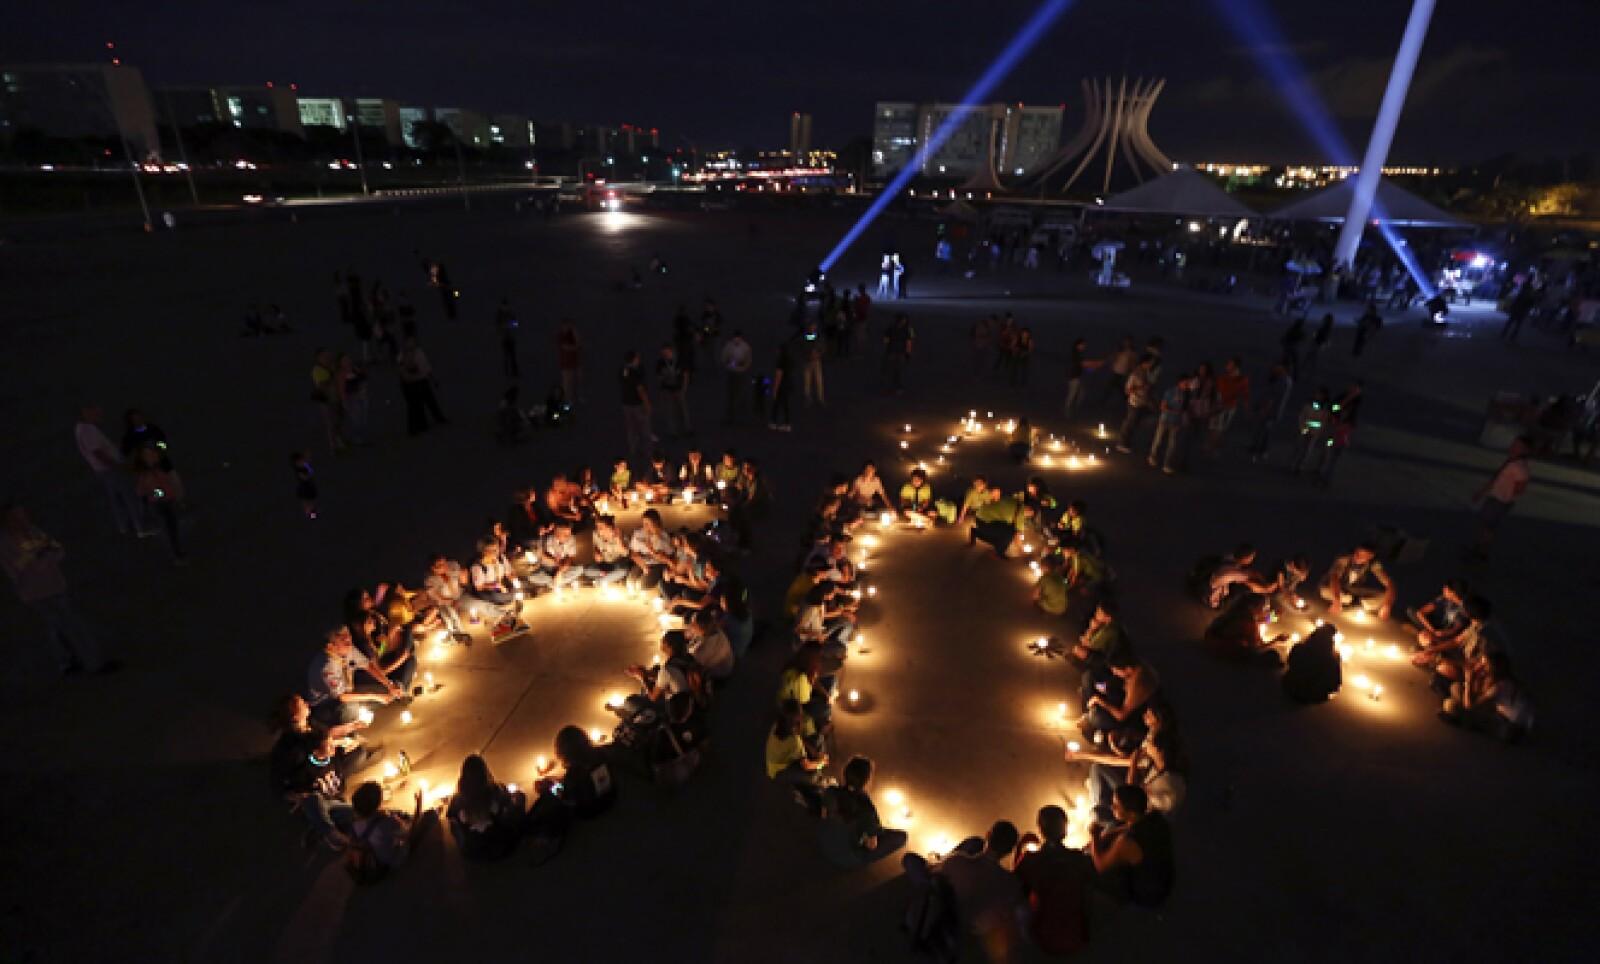 Aspecto del Museo de la Republica en Brasilia. En más de 7,000 ciudades y pueblos de todo el planeta millones de habitantes apagaron las luces de sus viviendas.